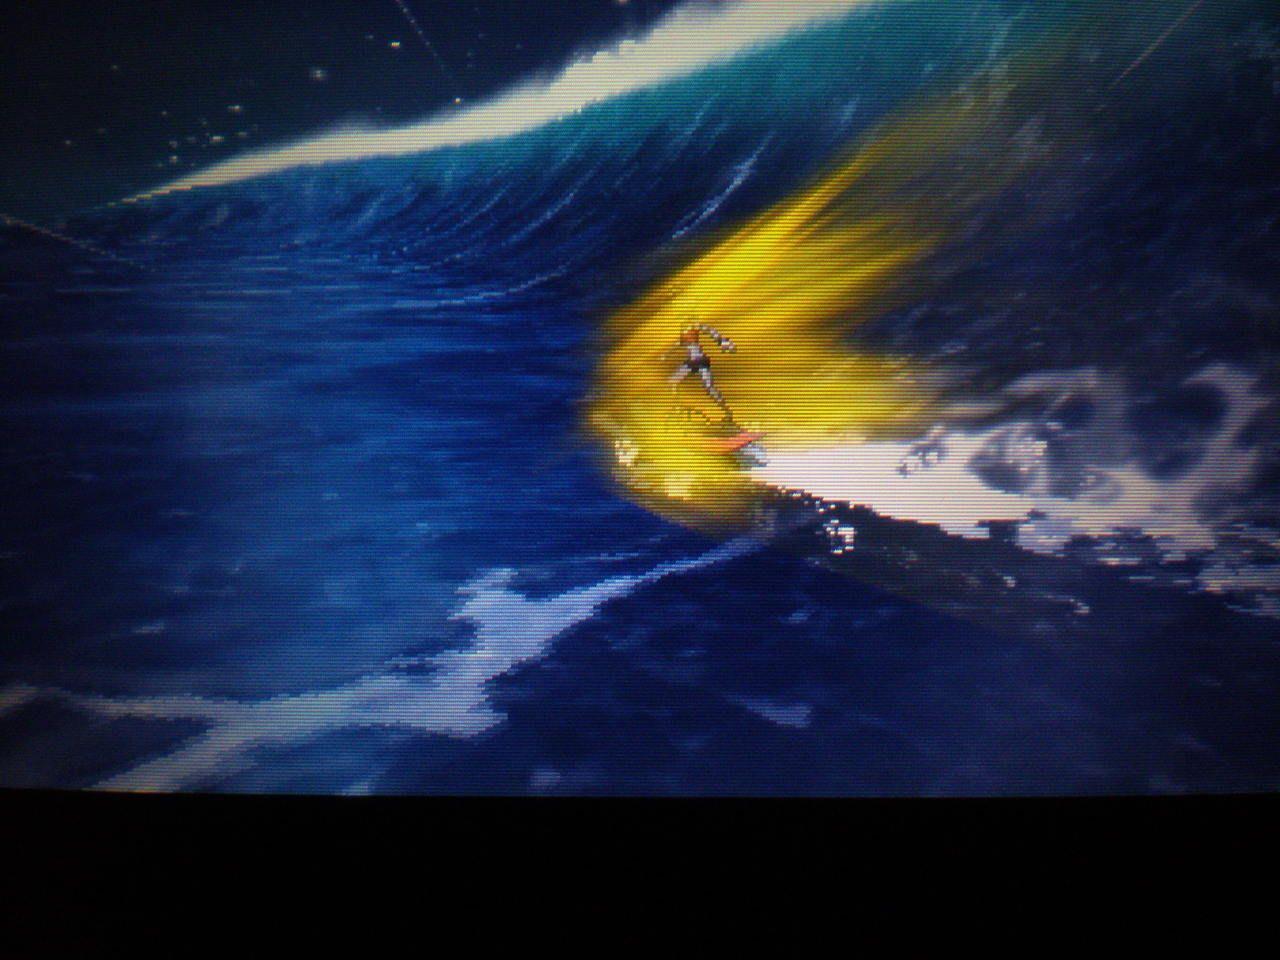 Mit dem Mantax surfen auf nach Akala! Die Cutscene hier ist leider weg, weil man nicht mit dem Schiff fährt. Aber kam die später? Ich hab da sowas im Kopf. #kam #die #Ich